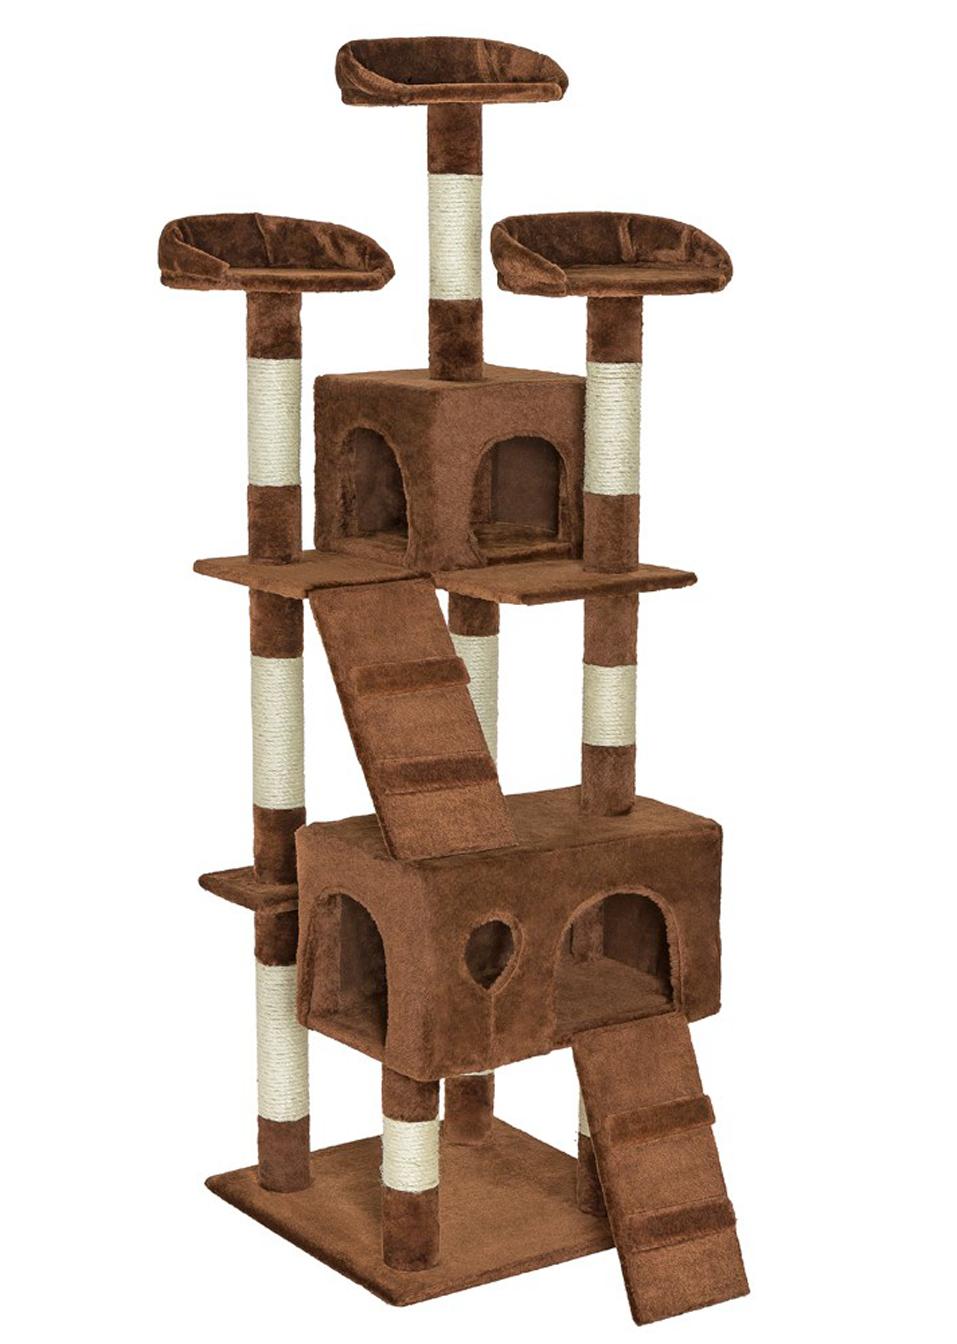 kratzbaum royal braun dietschys gmbh. Black Bedroom Furniture Sets. Home Design Ideas